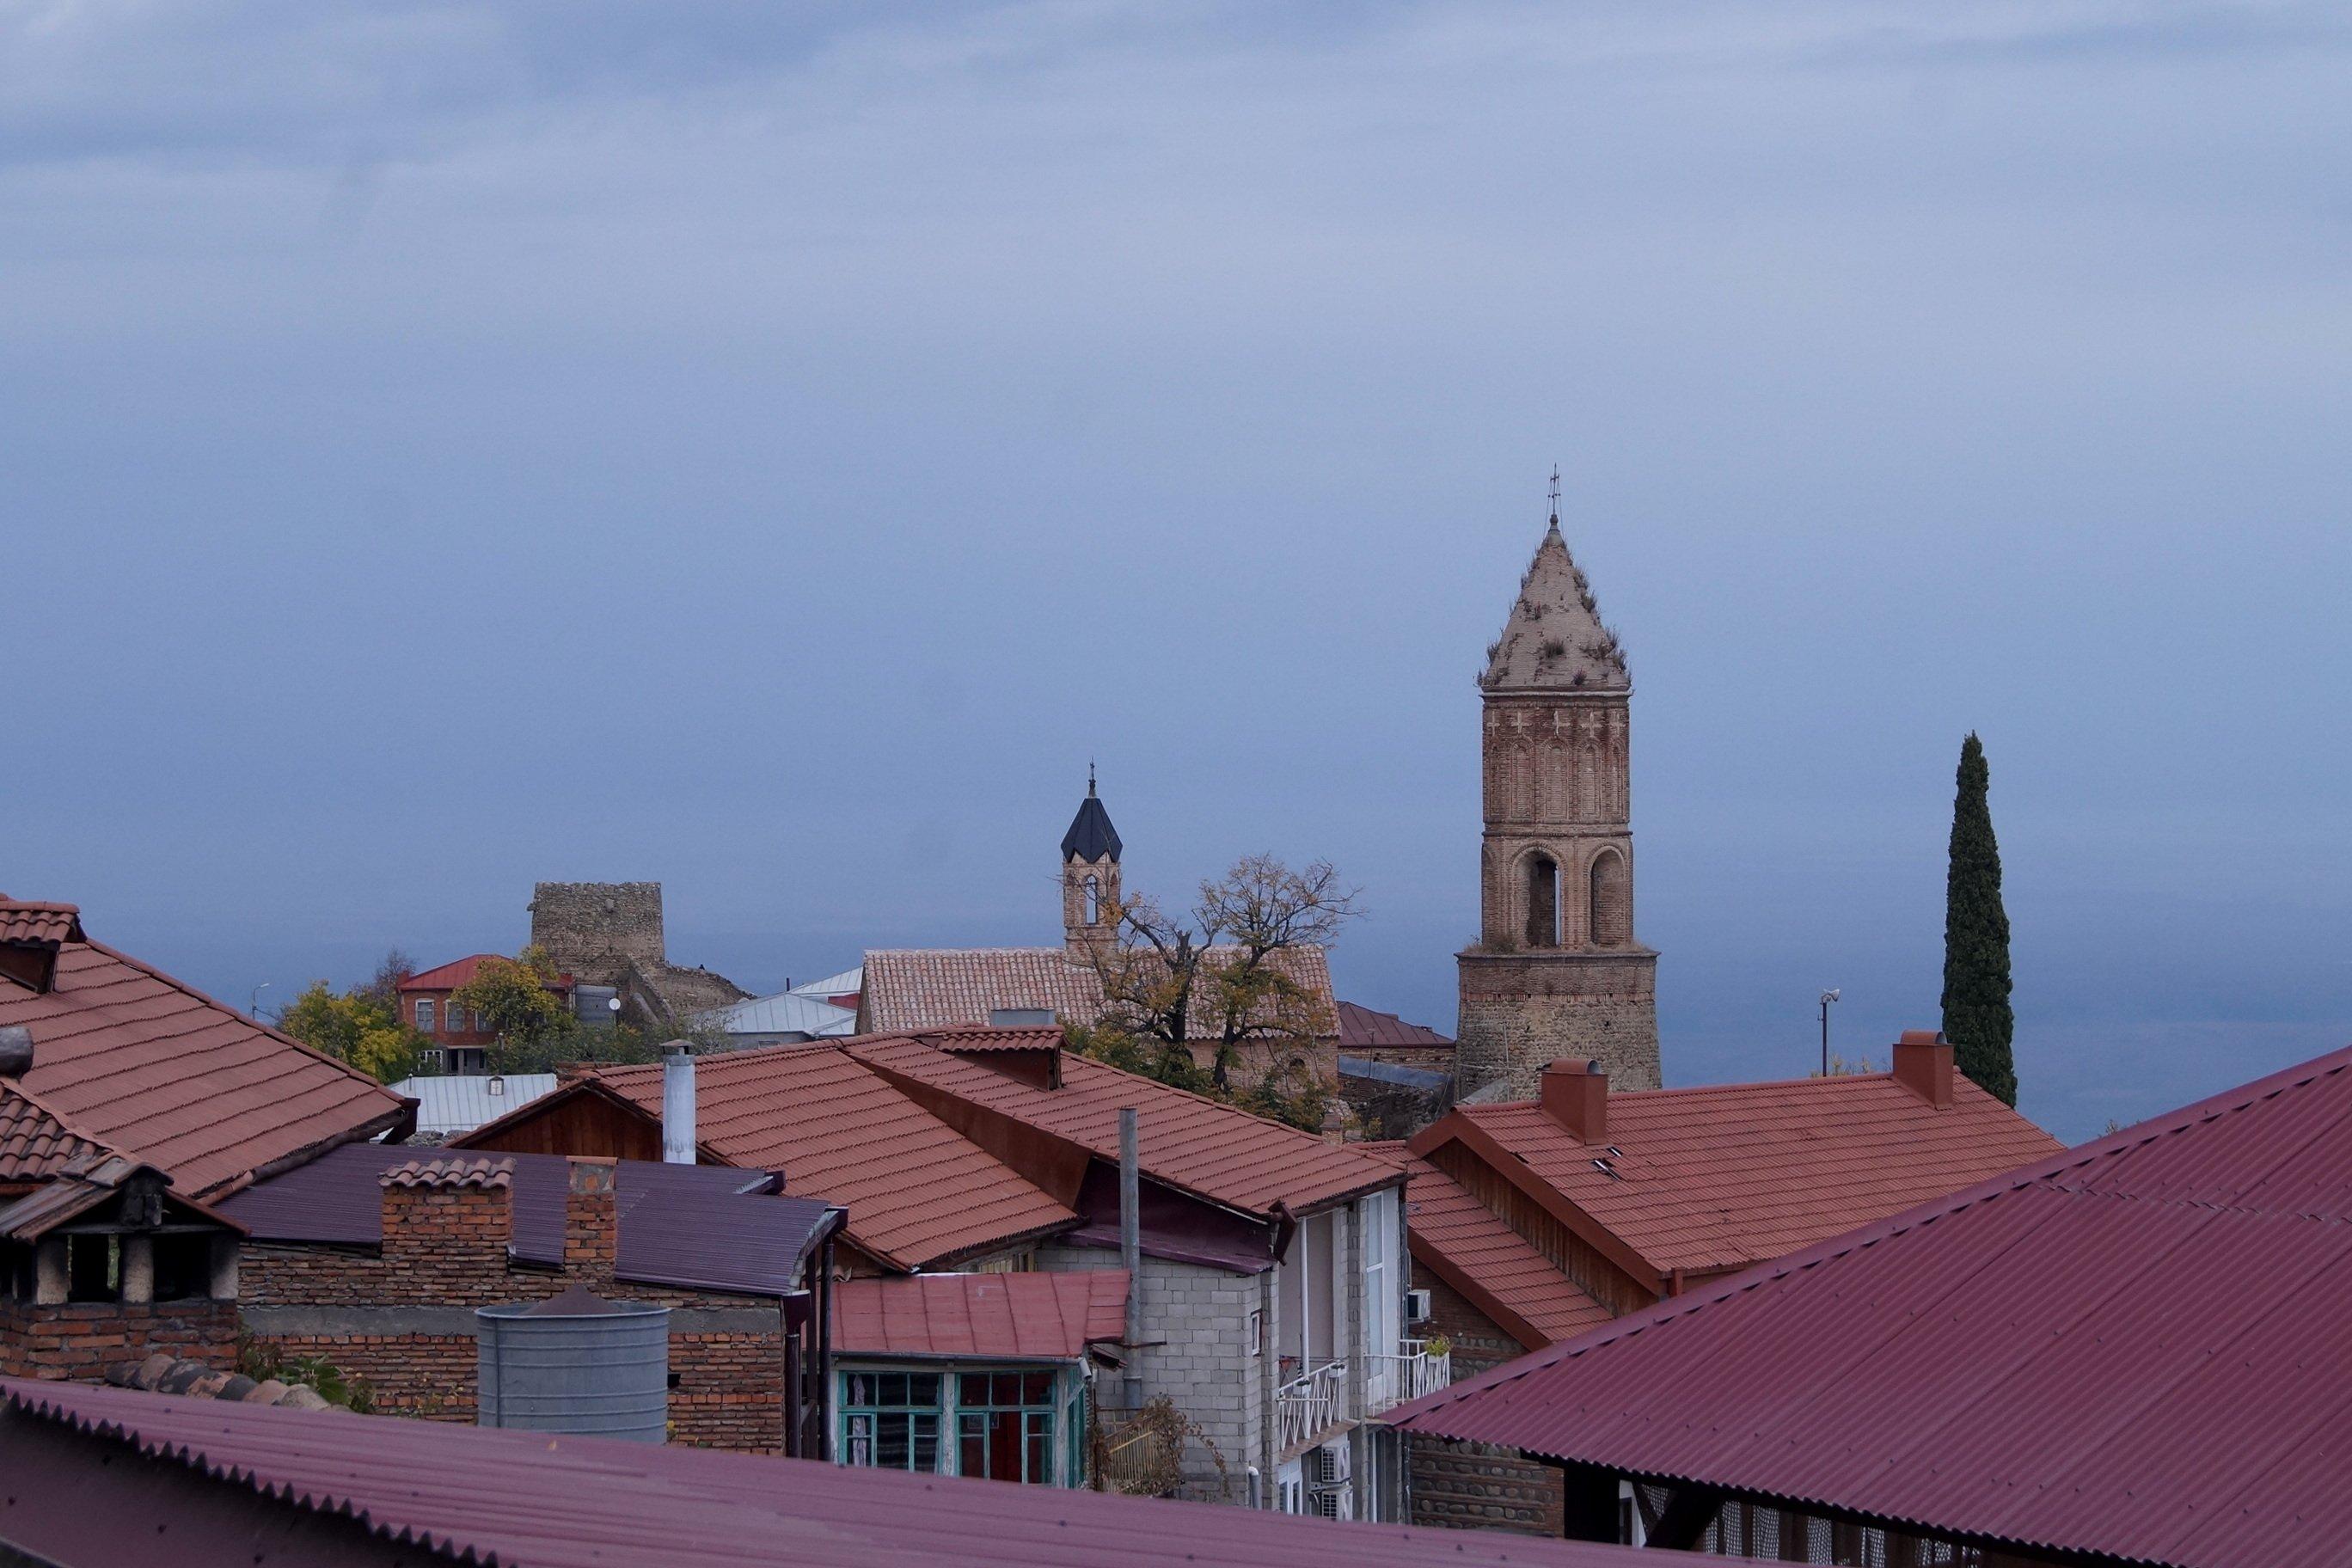 Кахетия. Немного картинок из Сигнахи (Заметки из солнечного отпуска, день 12)